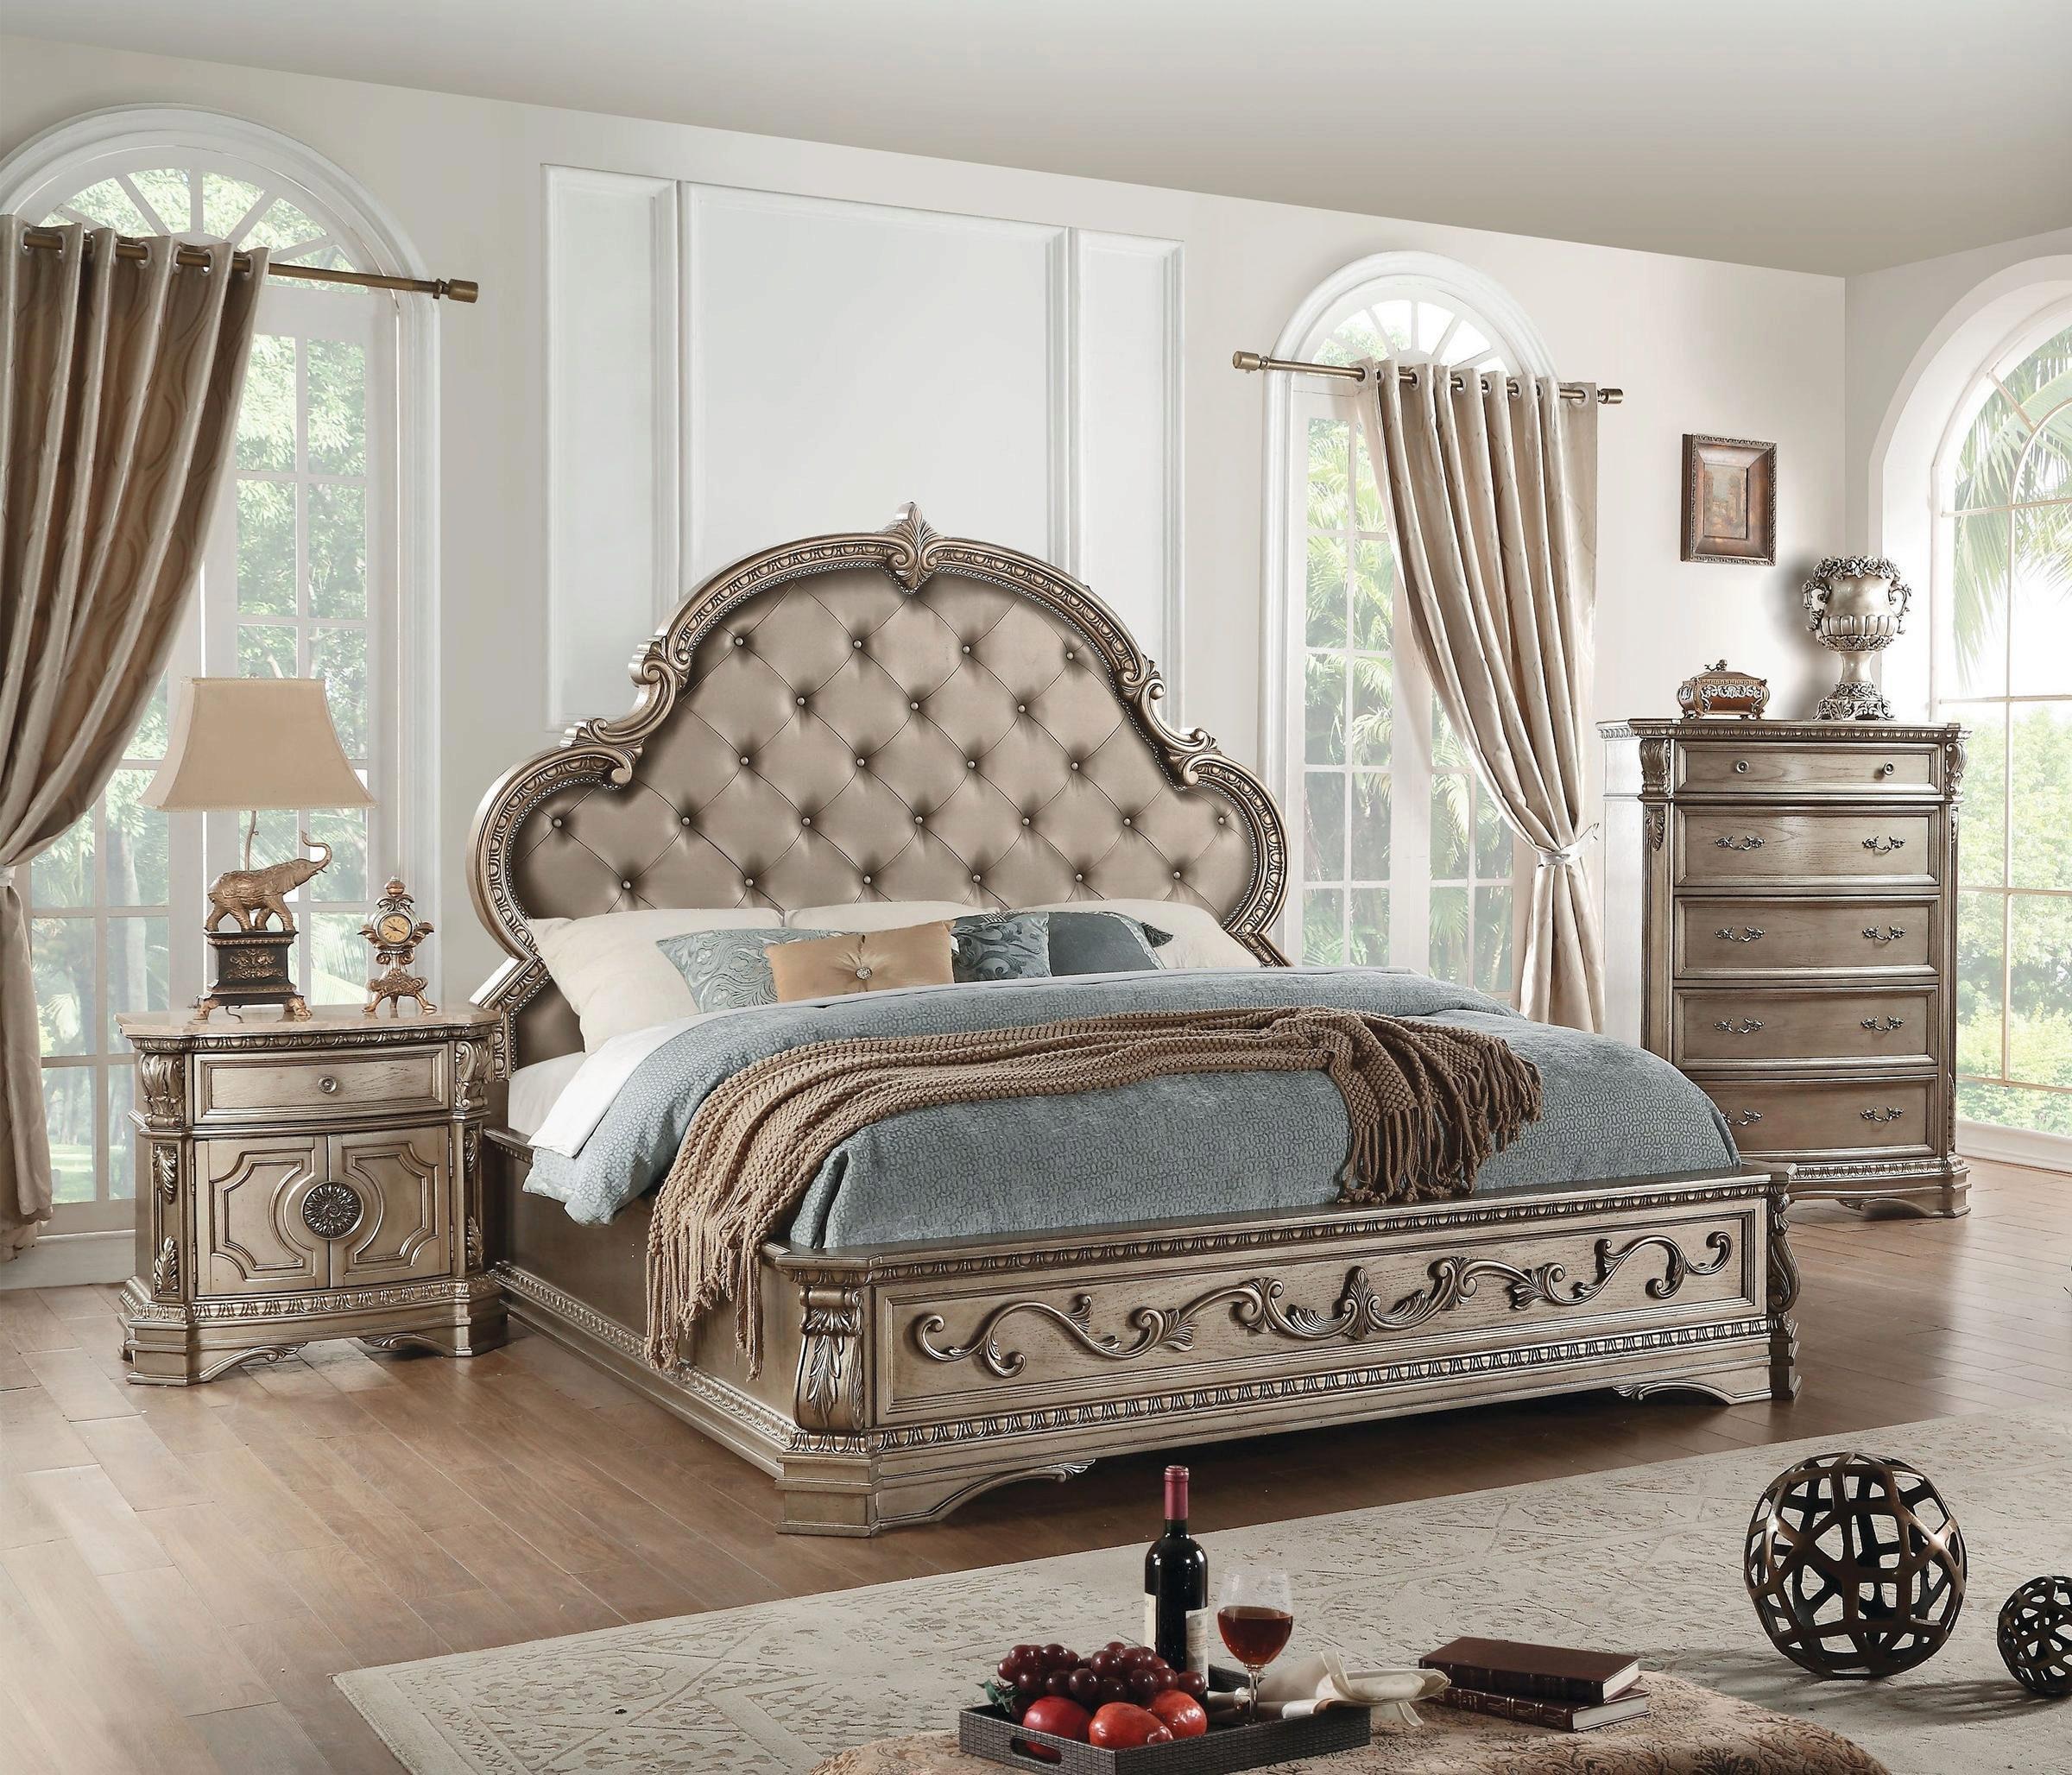 King Panel Bedroom Set 3pcs Antique Champagne 26927ek Northville Acme Traditional Northville 26927ek Set 3